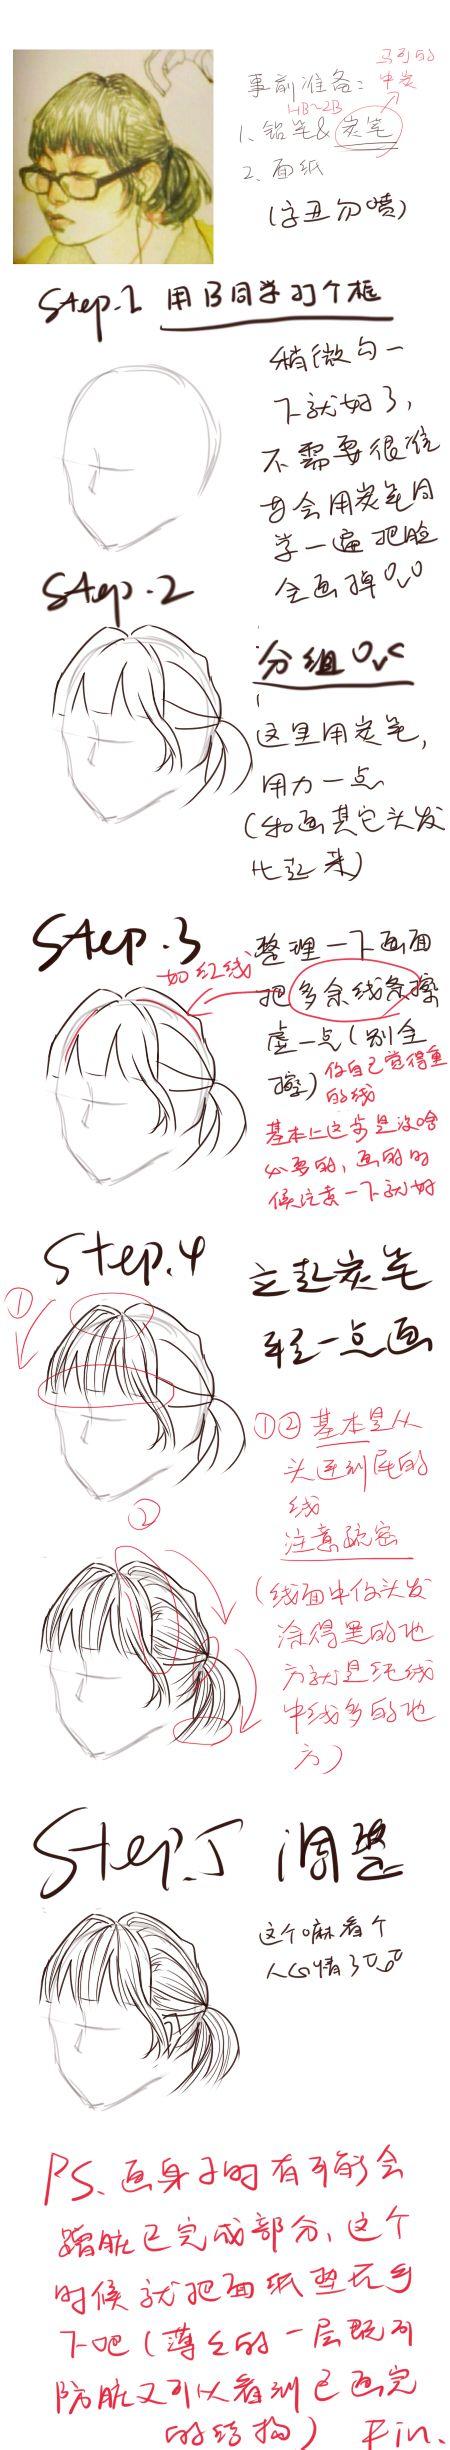 速写人物头发的画法(可推荐有关书籍,但速写要线描不要线面.图片